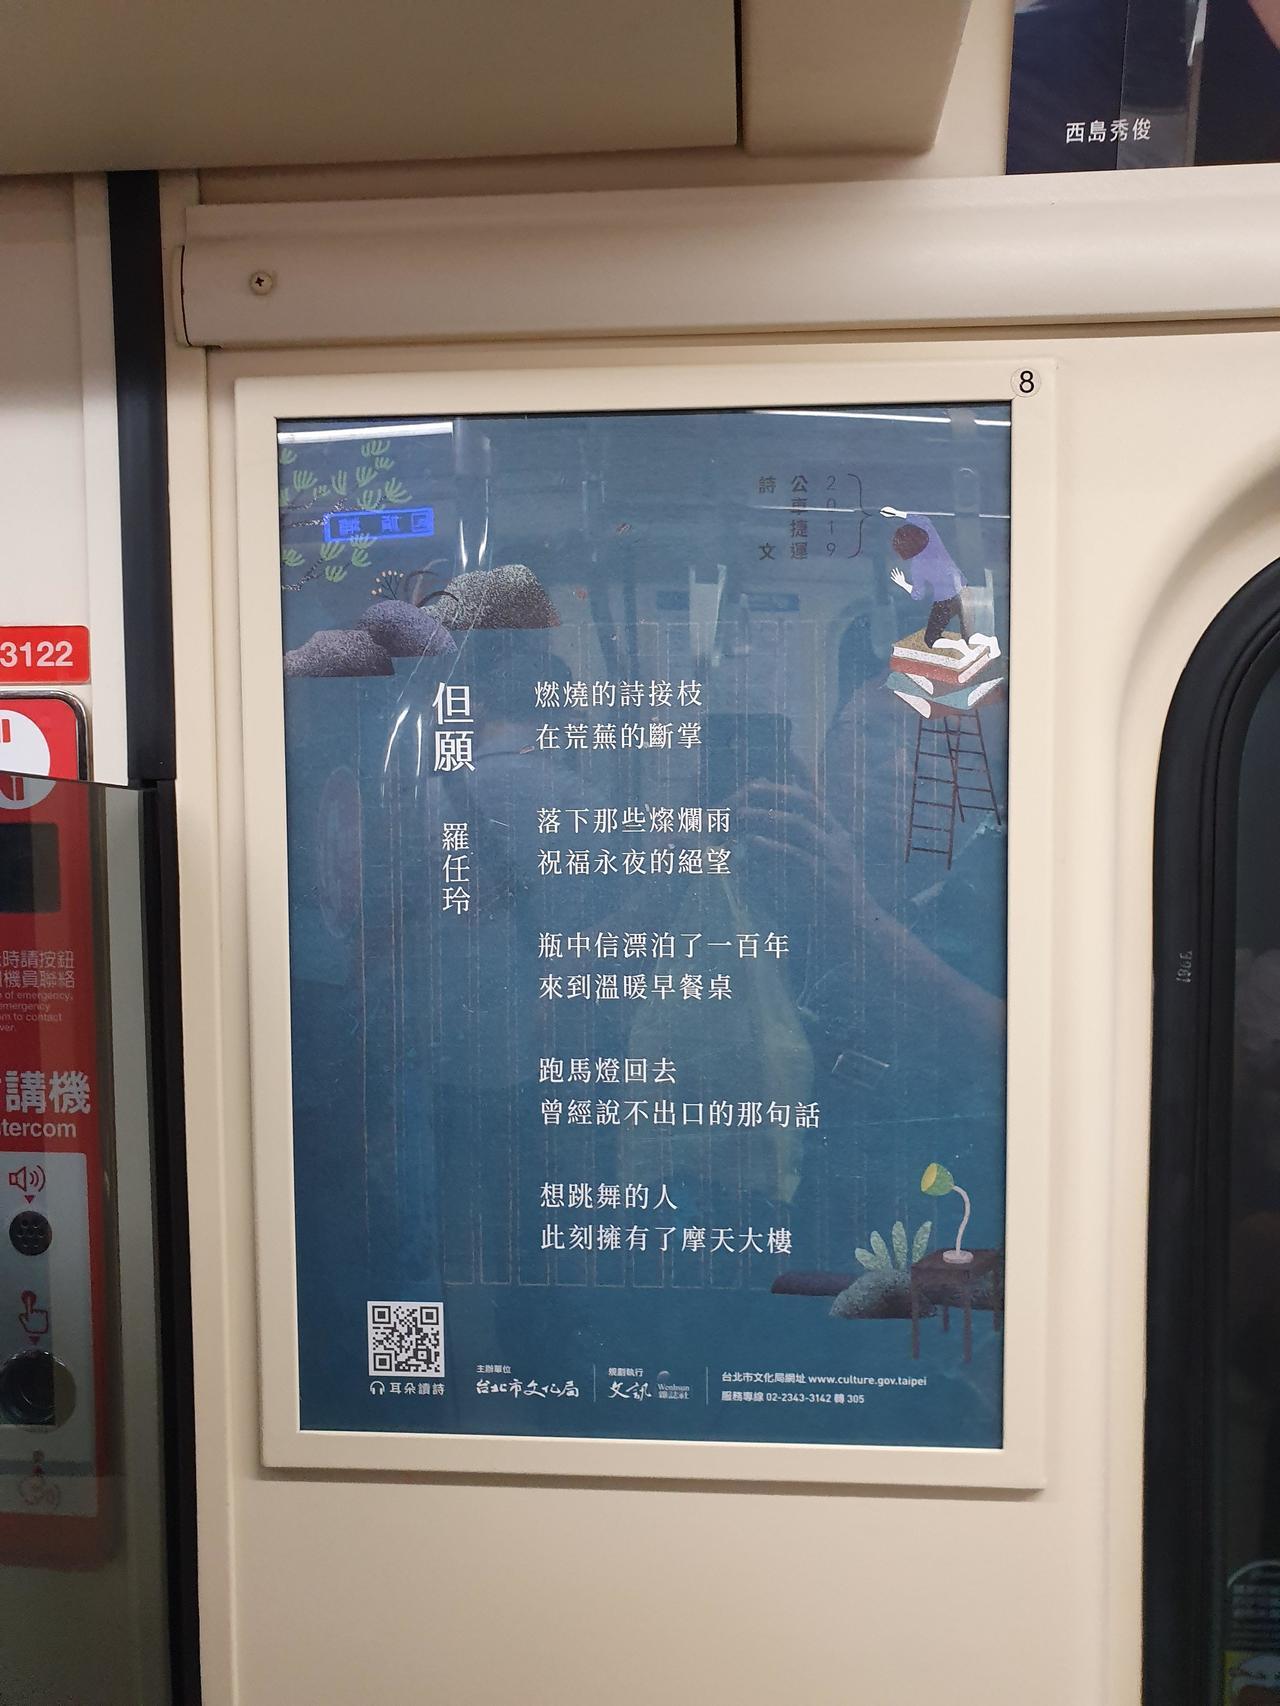 鄉民在PTT貼文,他完全看不懂捷運新詩的意思。圖/取自PTT